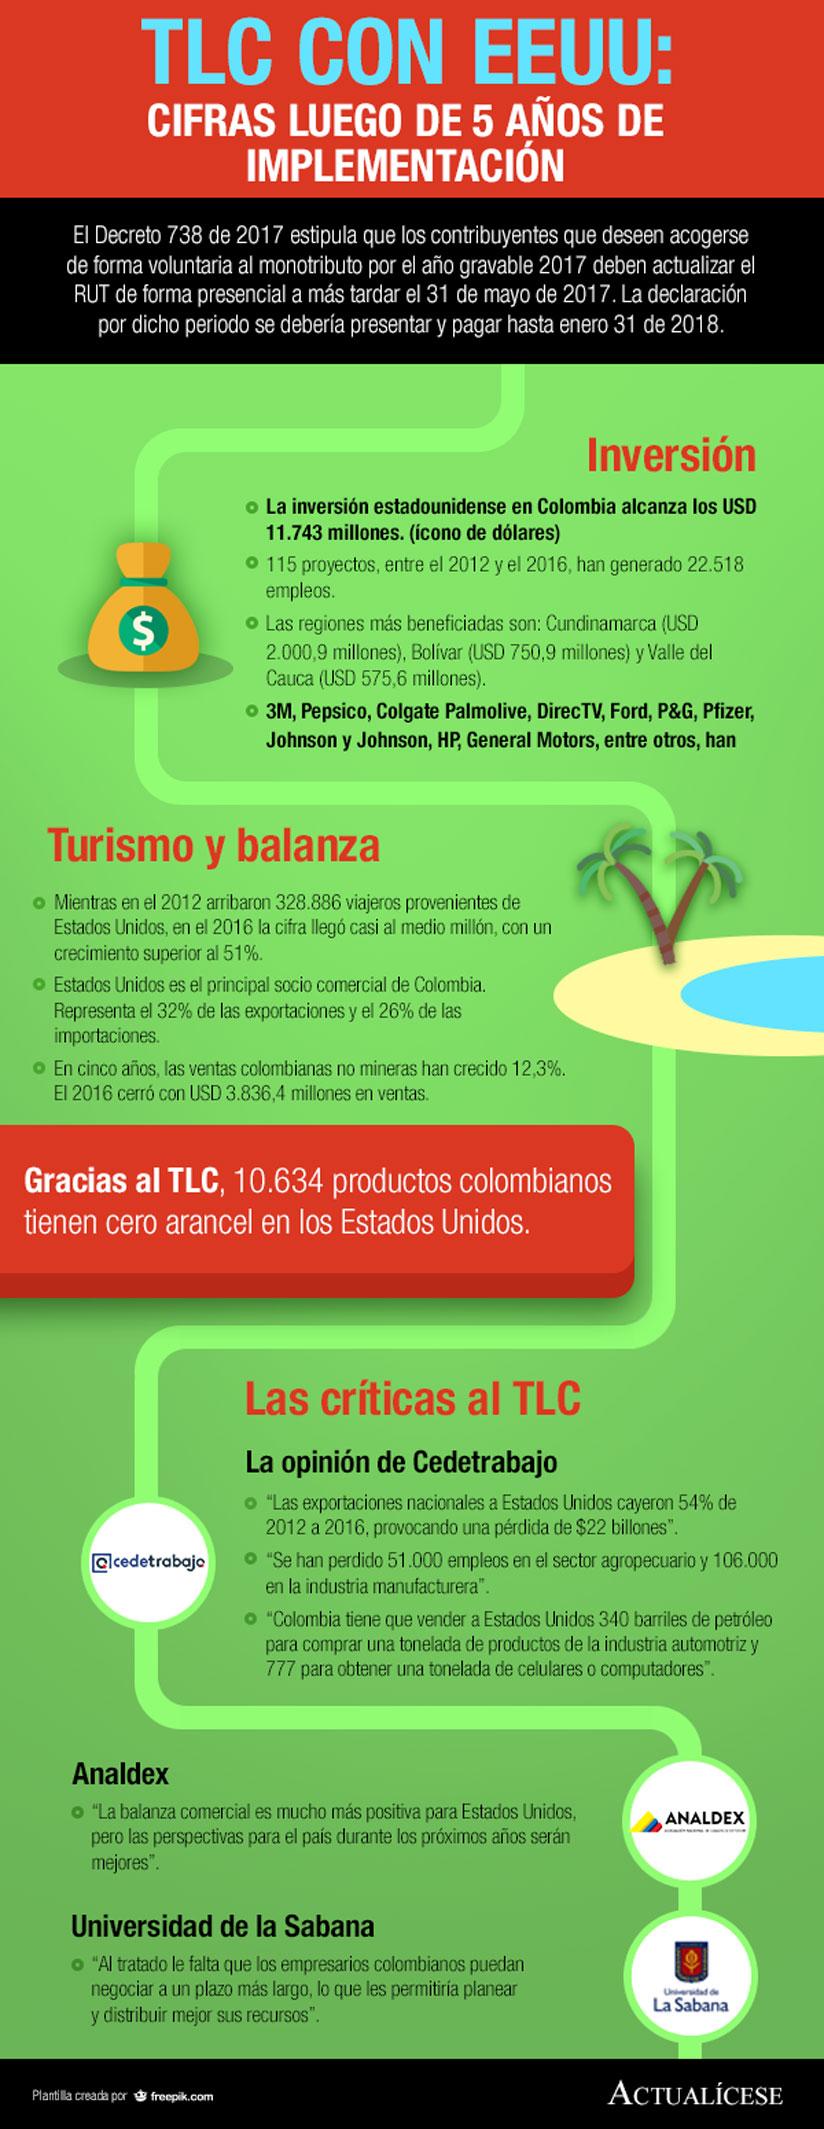 Infografía] TLC con EEUU: cifras luego de 5 años de implementación